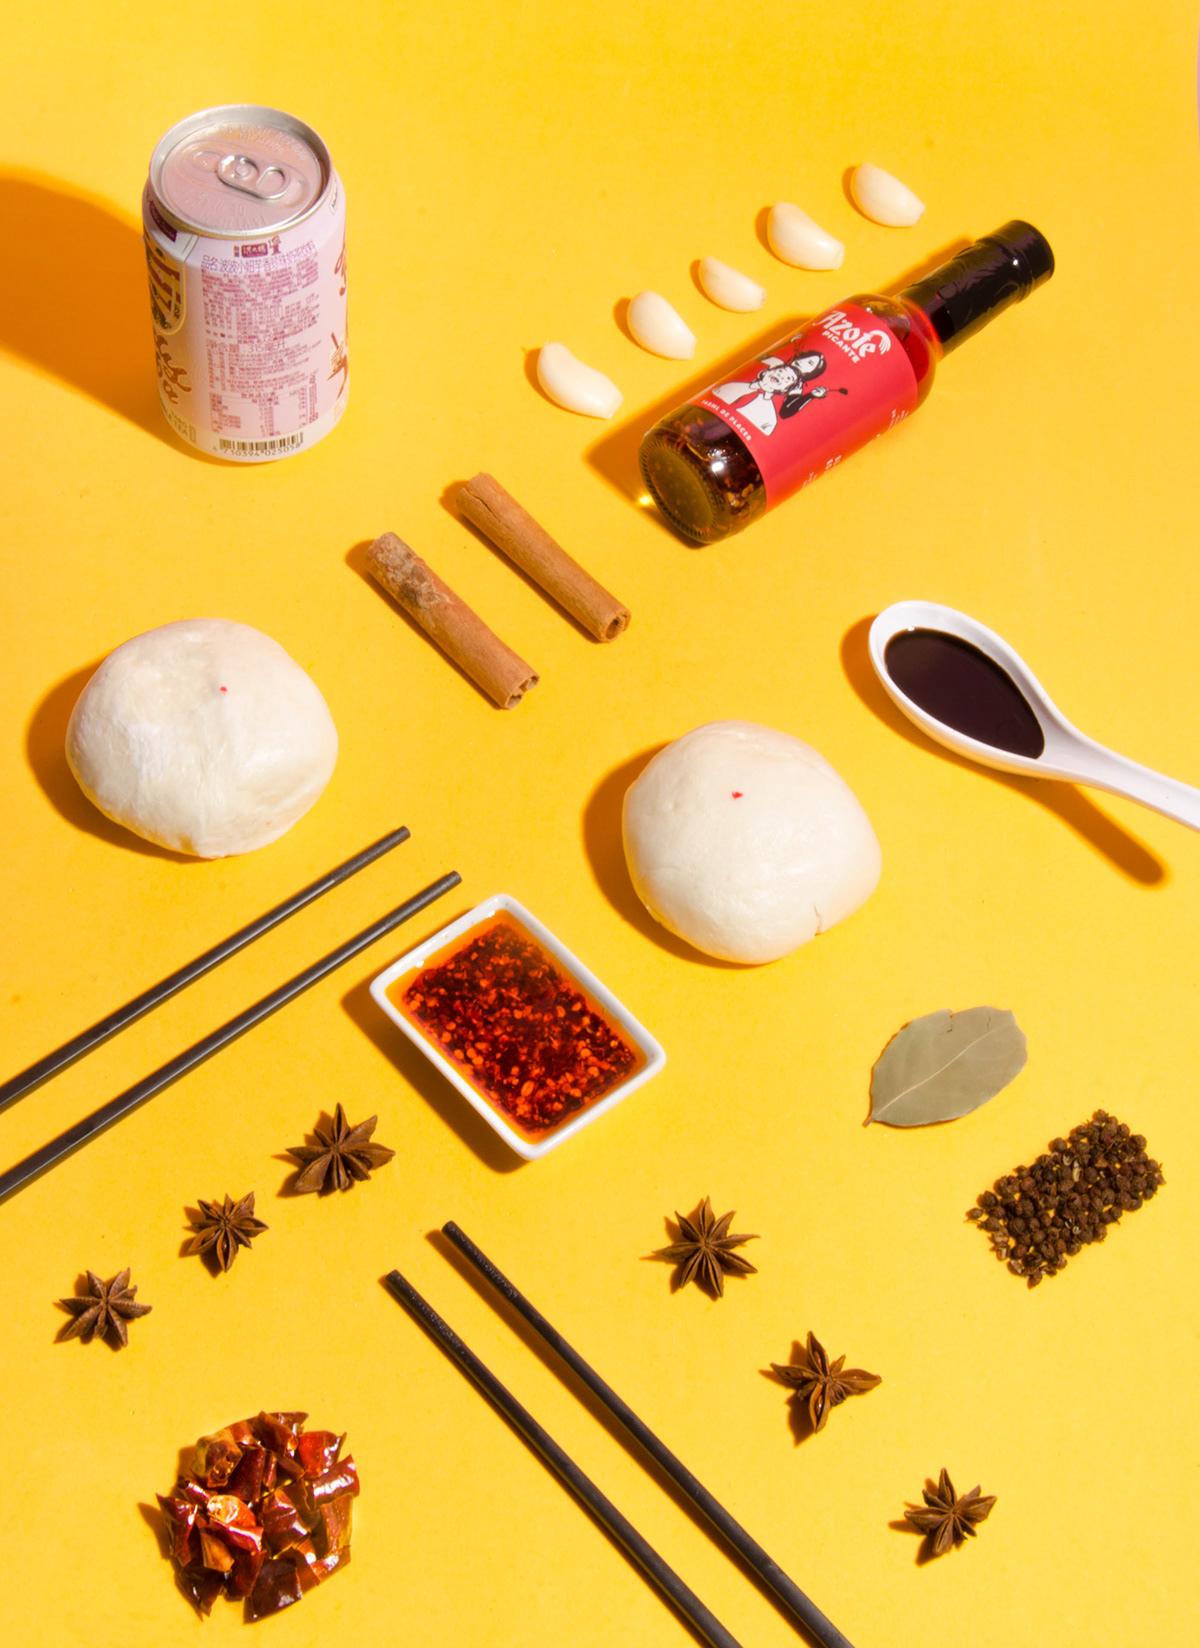 colors foto Fotografia Fotografía de producto hot sauce photo Photography  product Product Photography